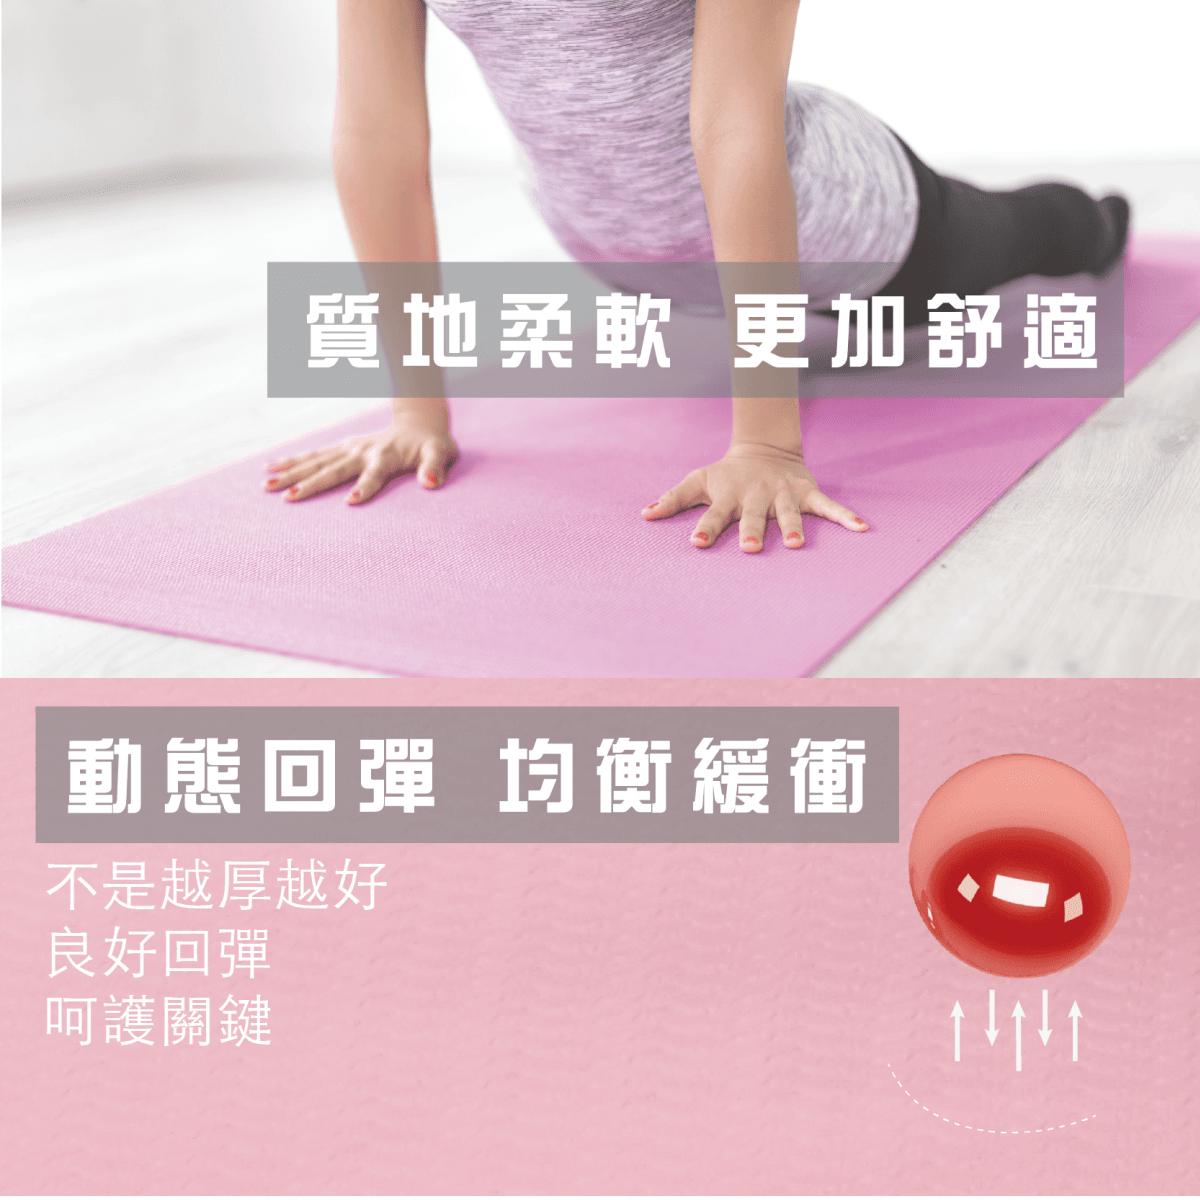 【Outrange】健身瑜珈組(瑜珈墊5mm+瑜珈防滑鋪巾) 4